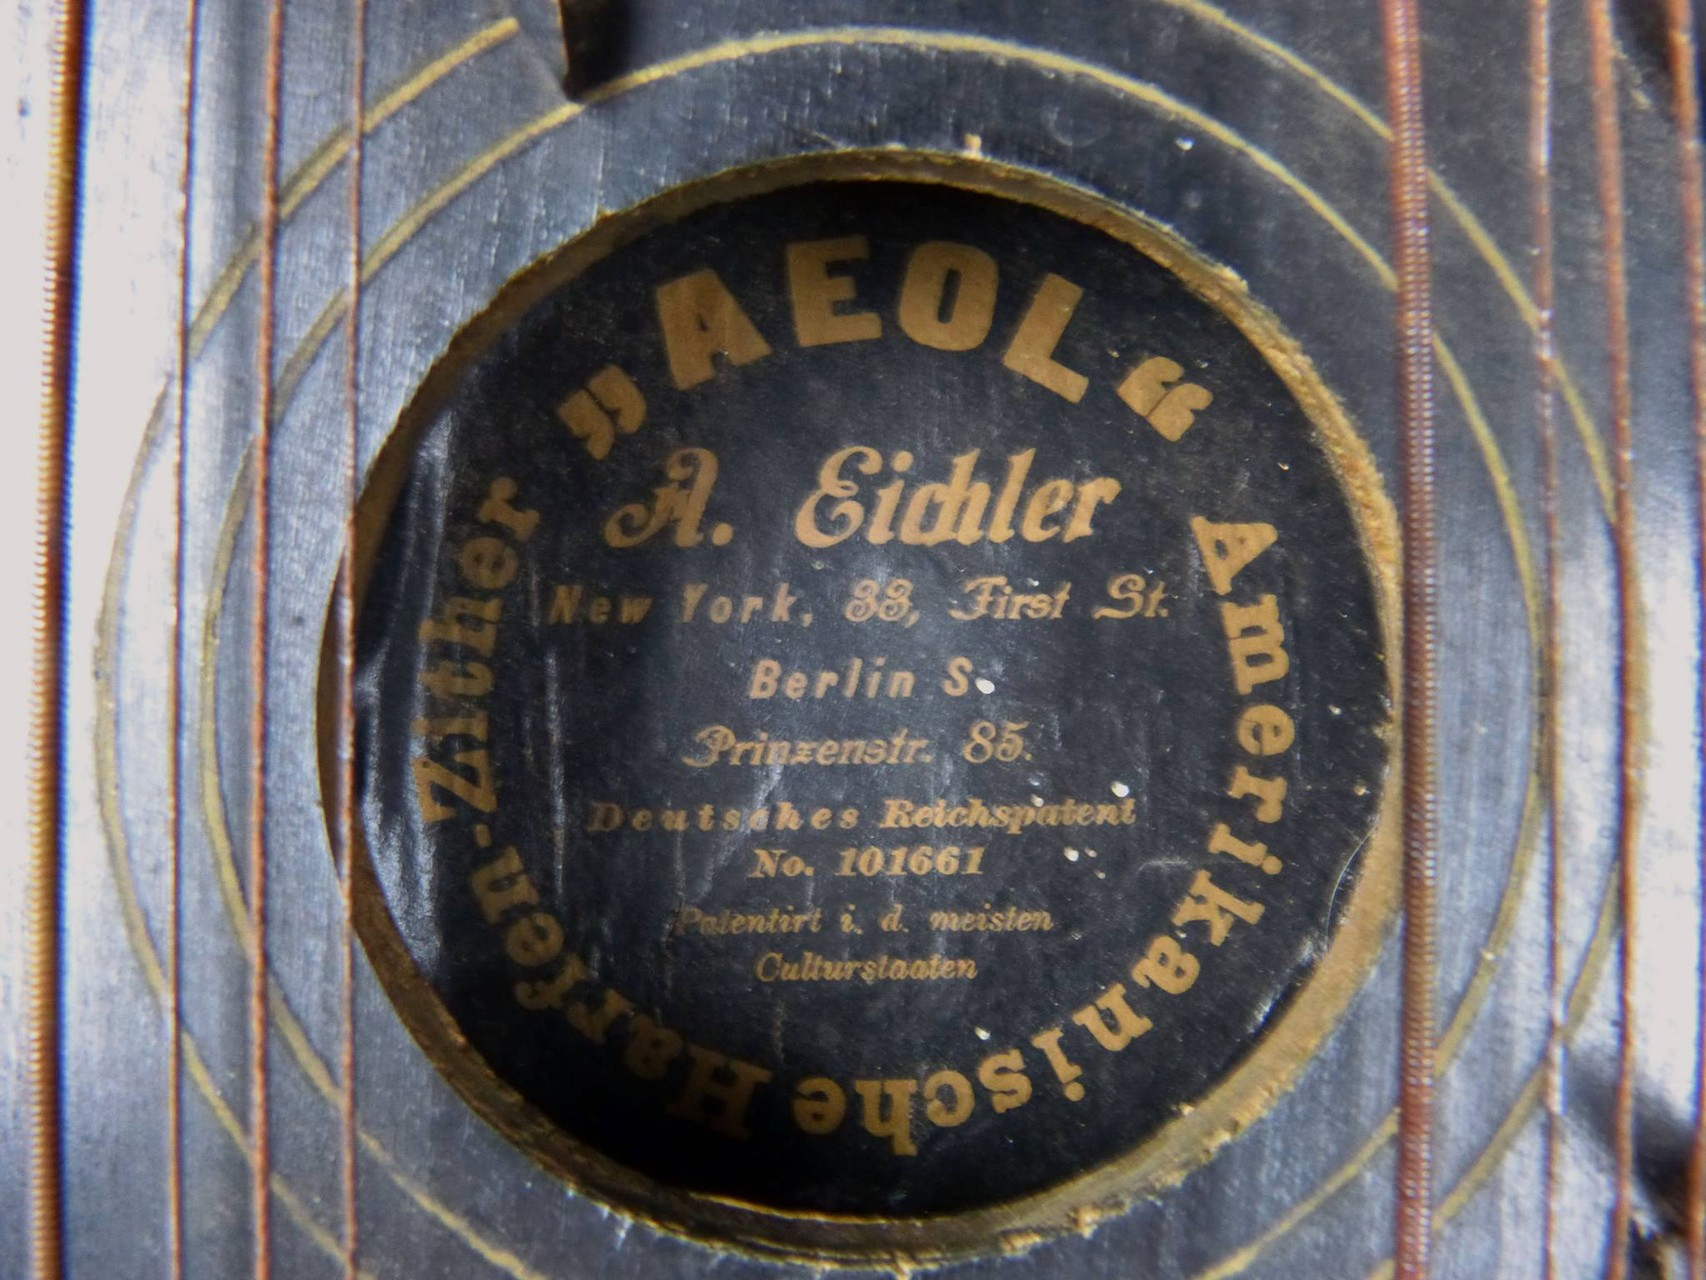 1915 AEOL Amerikanisches Harfen-Zither